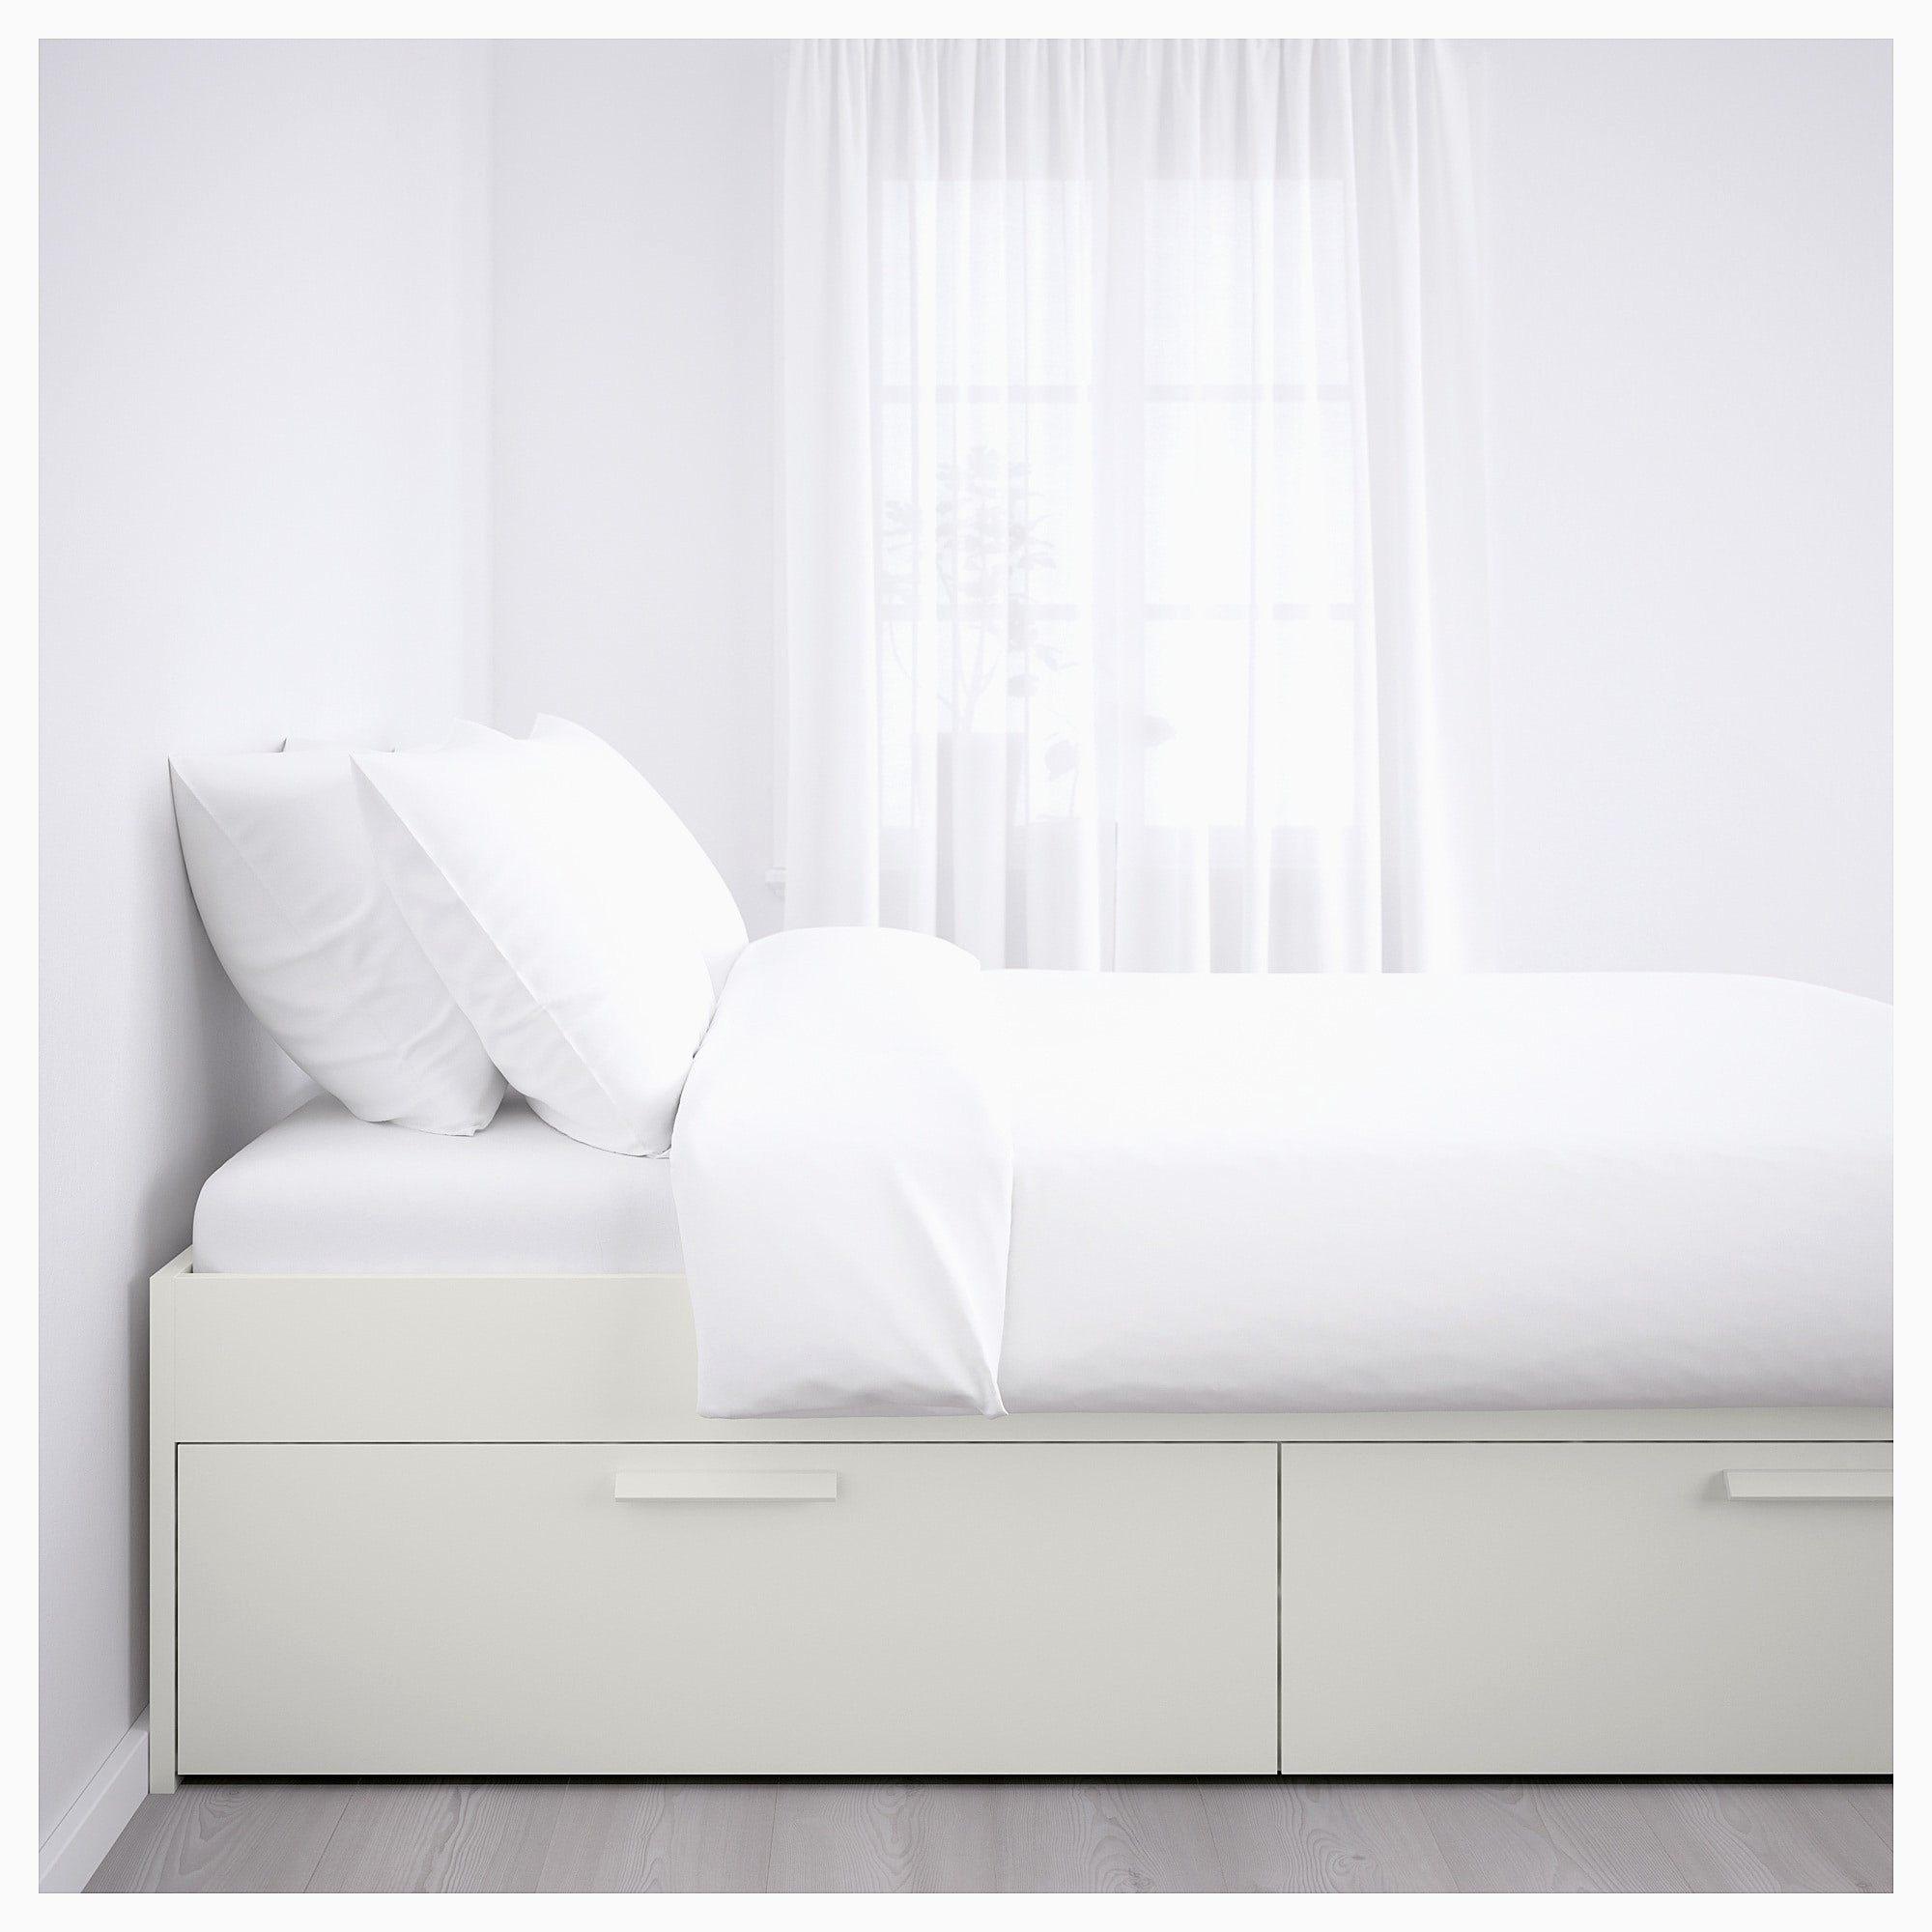 Lit Ikea Rangement Magnifique Exceptionnel Tete De Lit Rangement 160